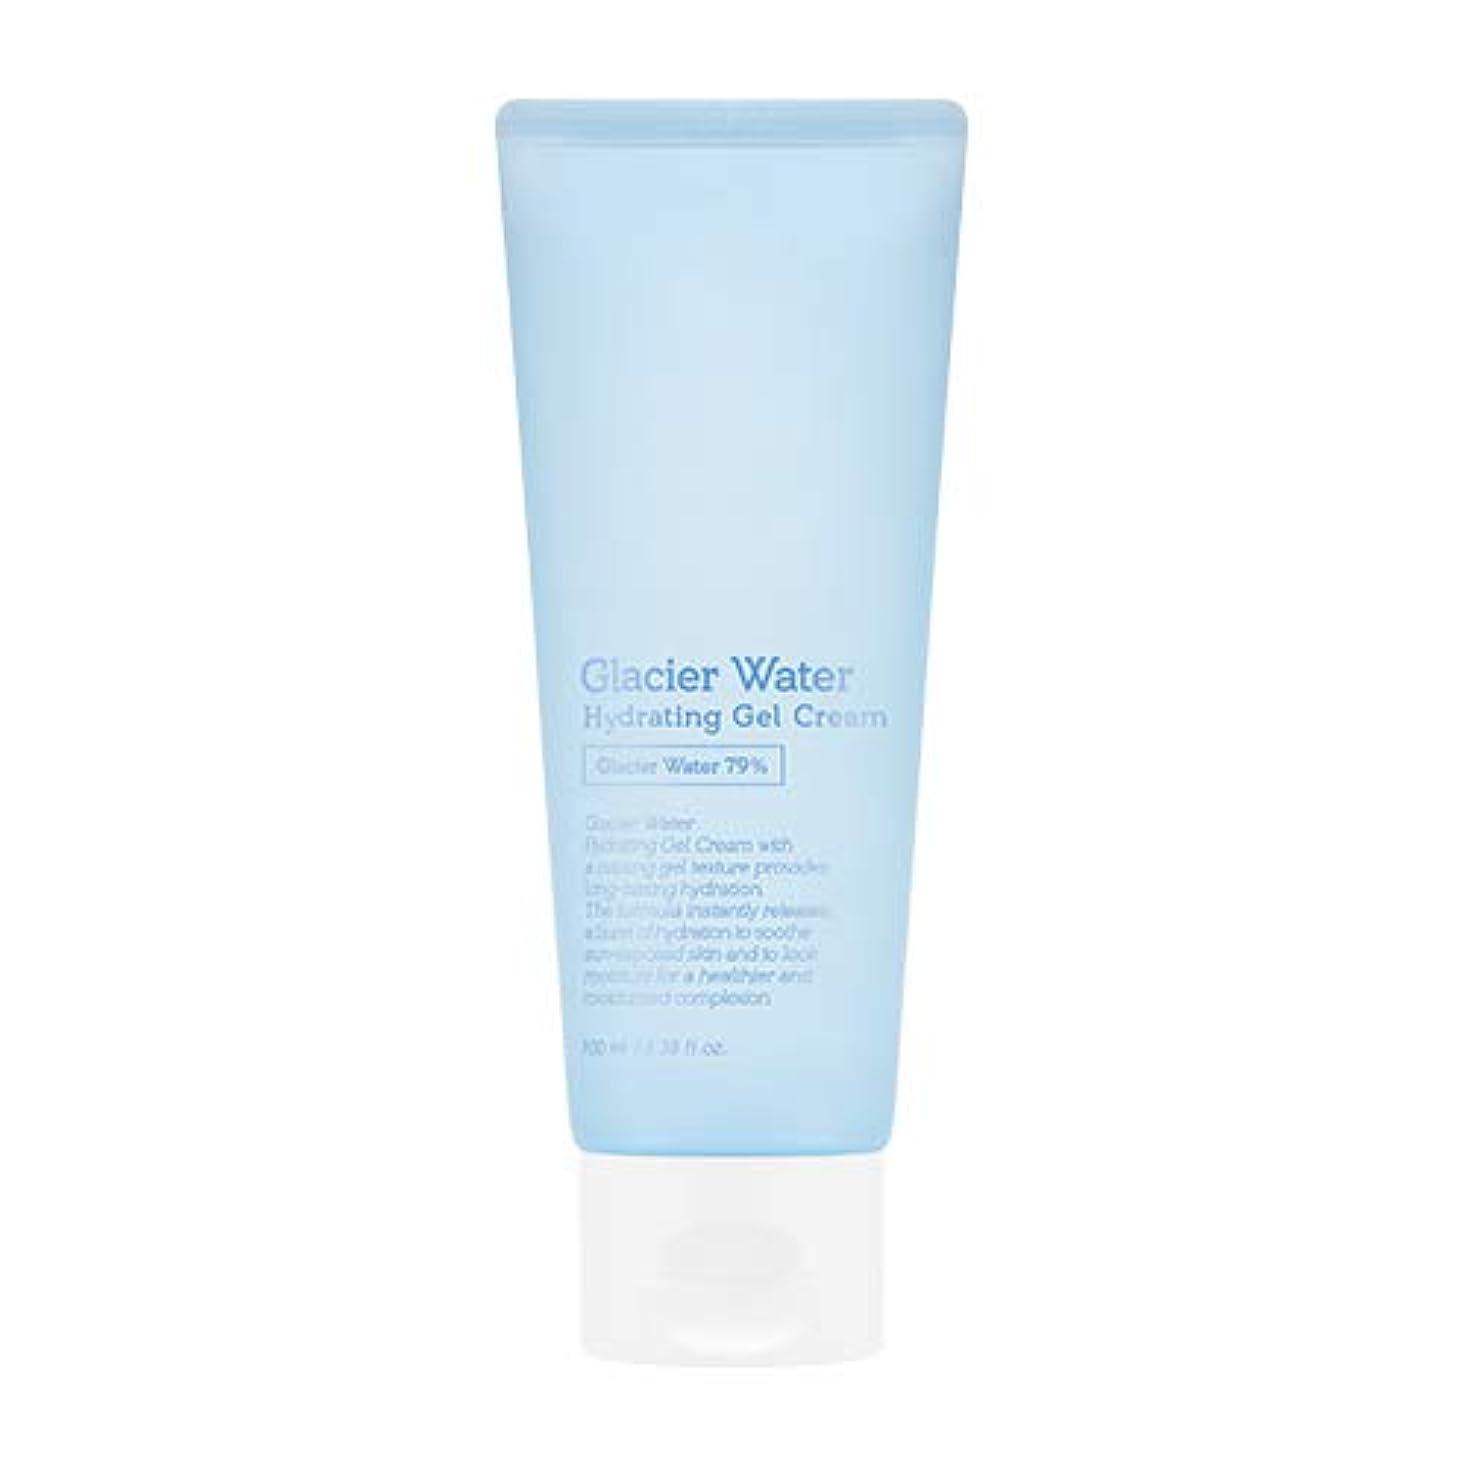 乳白色膿瘍氷アピュ 氷河水 ハイドレーティングゲルクリーム [大容量] / A'PIEU Glacier Water Hydrating Gel Cream 100ml [並行輸入品]